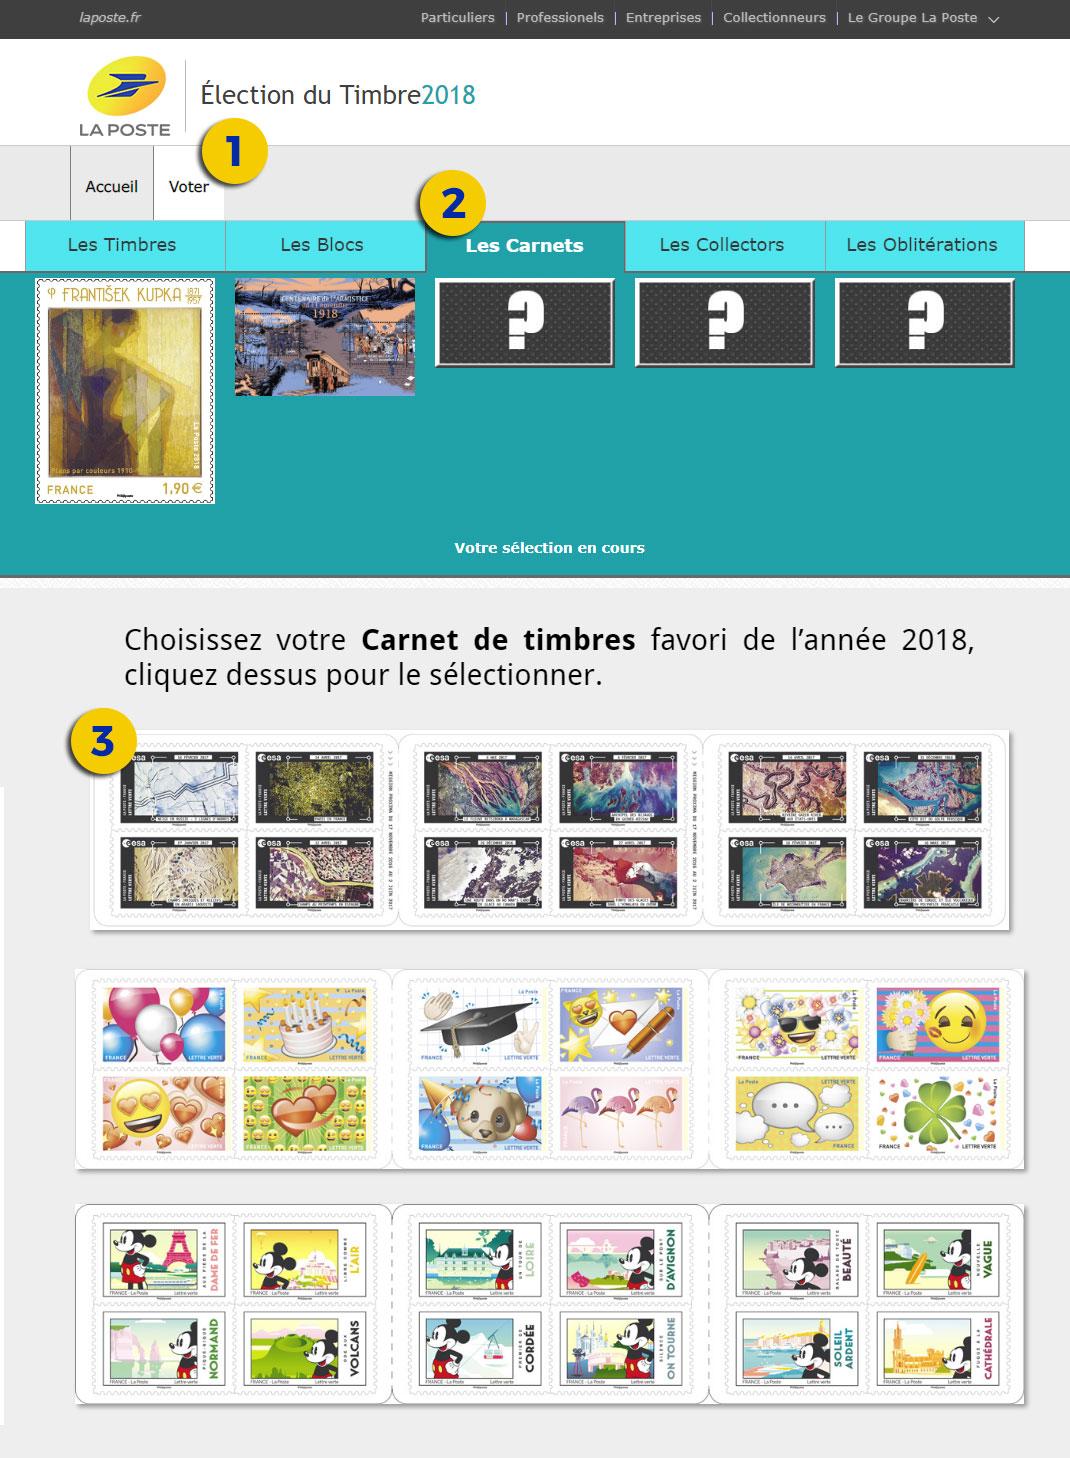 Mode d'emploi du vote sur le site www.electiondutimbre.fr